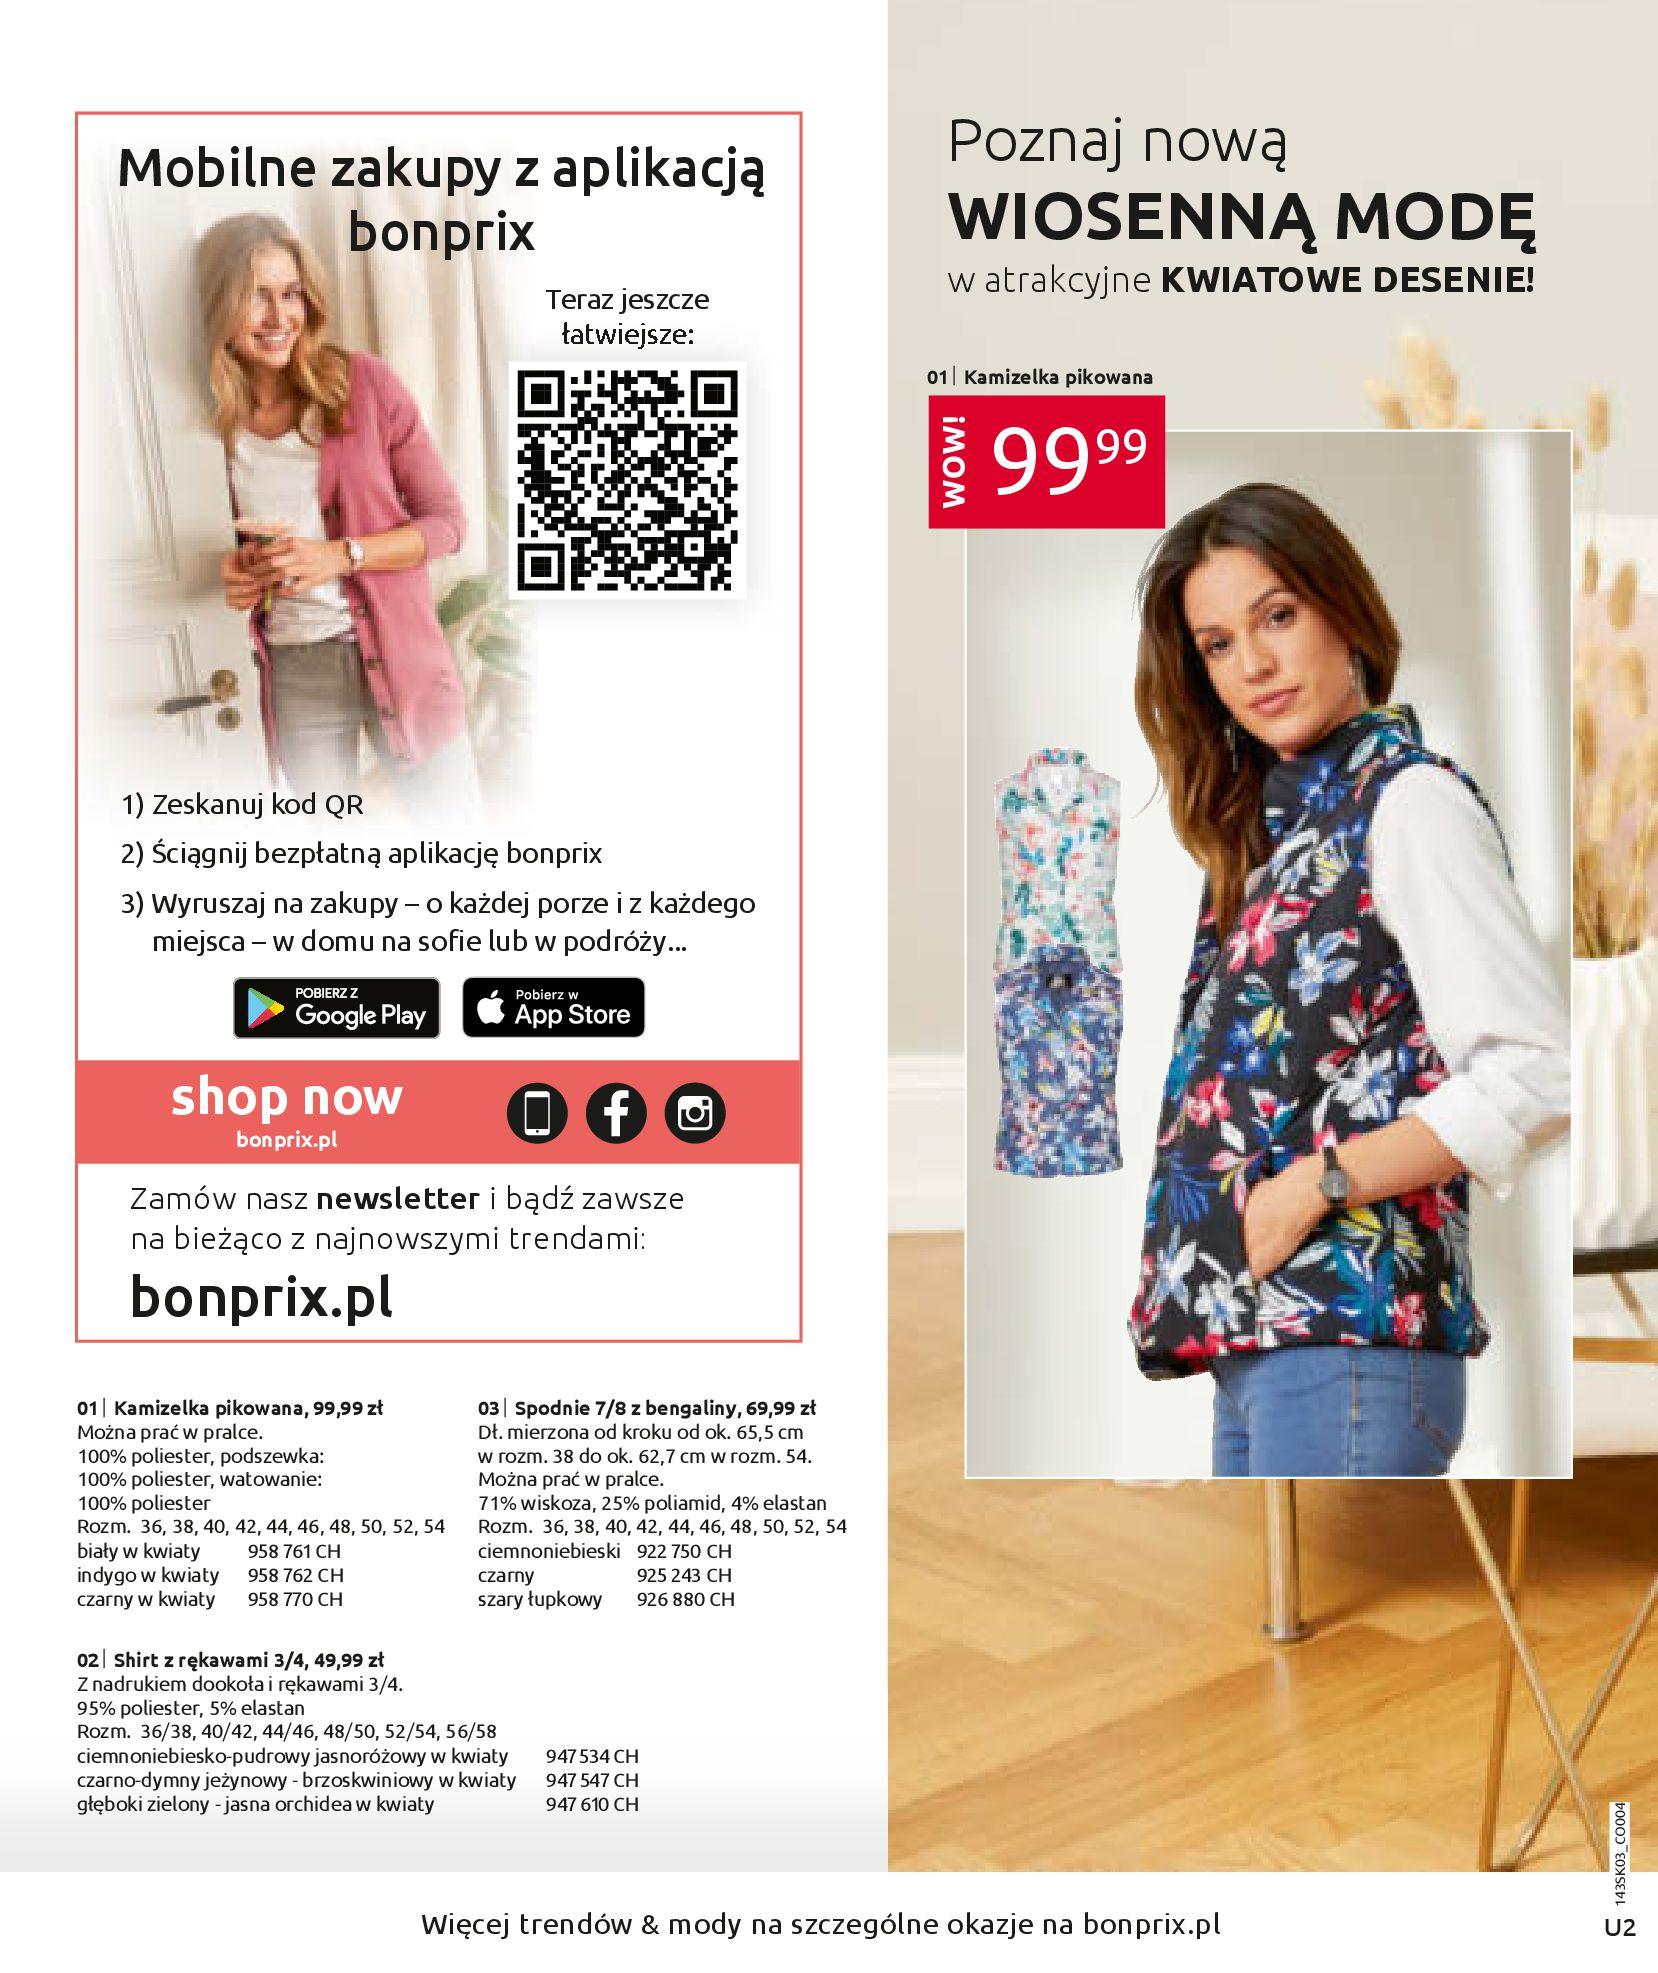 Gazetka Bonprix: Wiosenna moda 2021-03-05 page-2